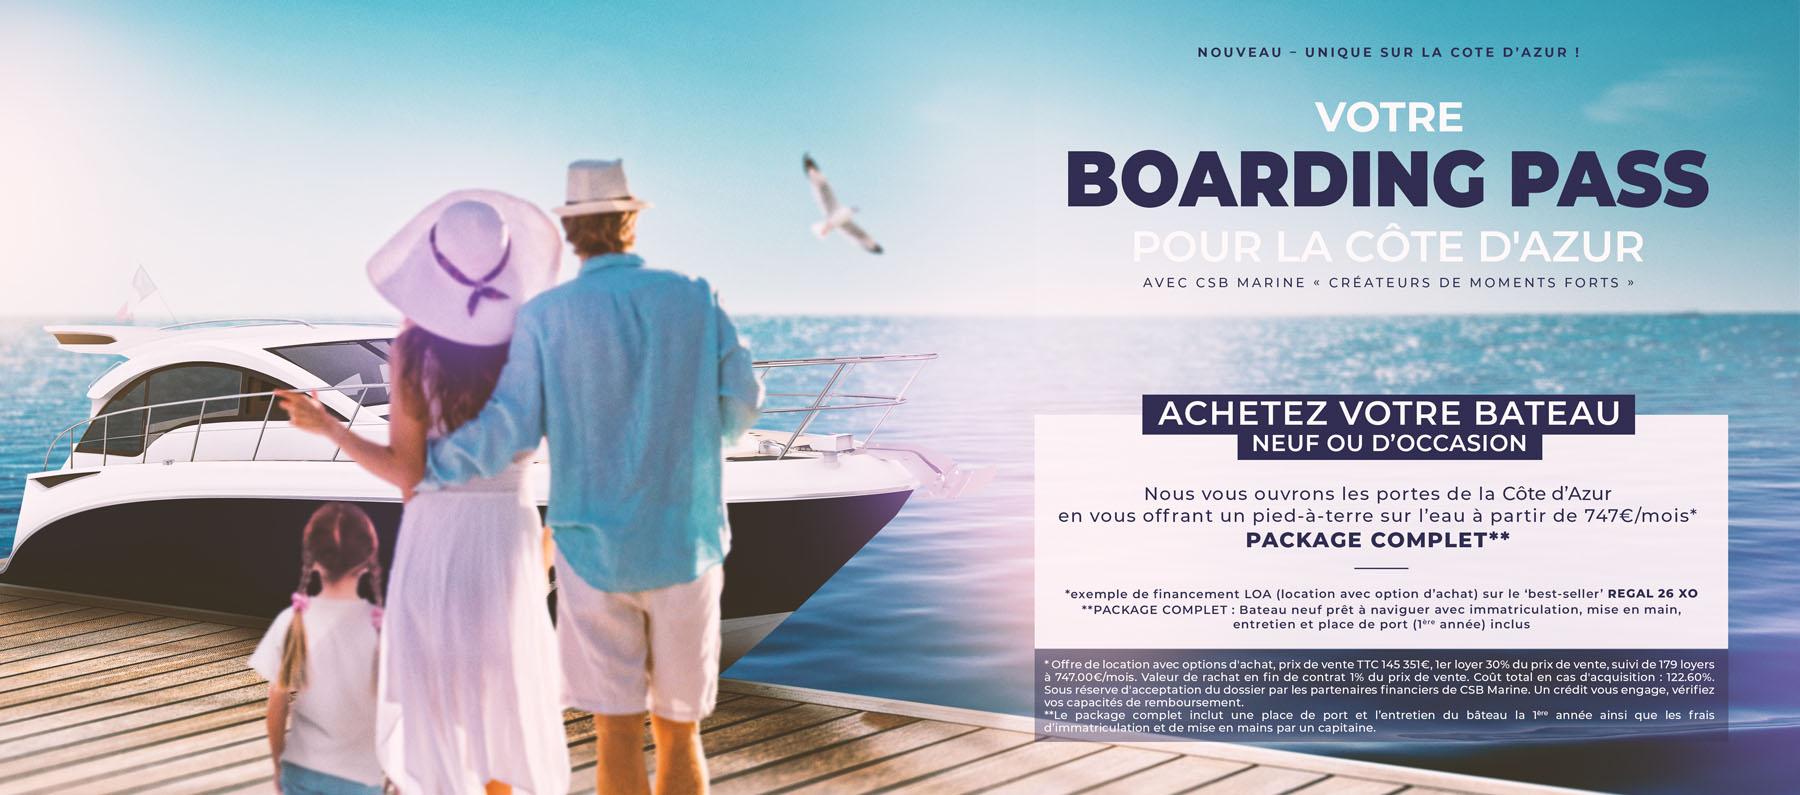 Votre boarding pass pour la Côte d'Azur avec CSB Marine, créateurs de moments forts. Achetez votre REGAL 26 XO neuf ou d'occasion. Nous vous ouvrons les portes de la cote d'azur en vous offrant un pied-à-terre sur l'eau à partir de 747€ par mois. Package complet